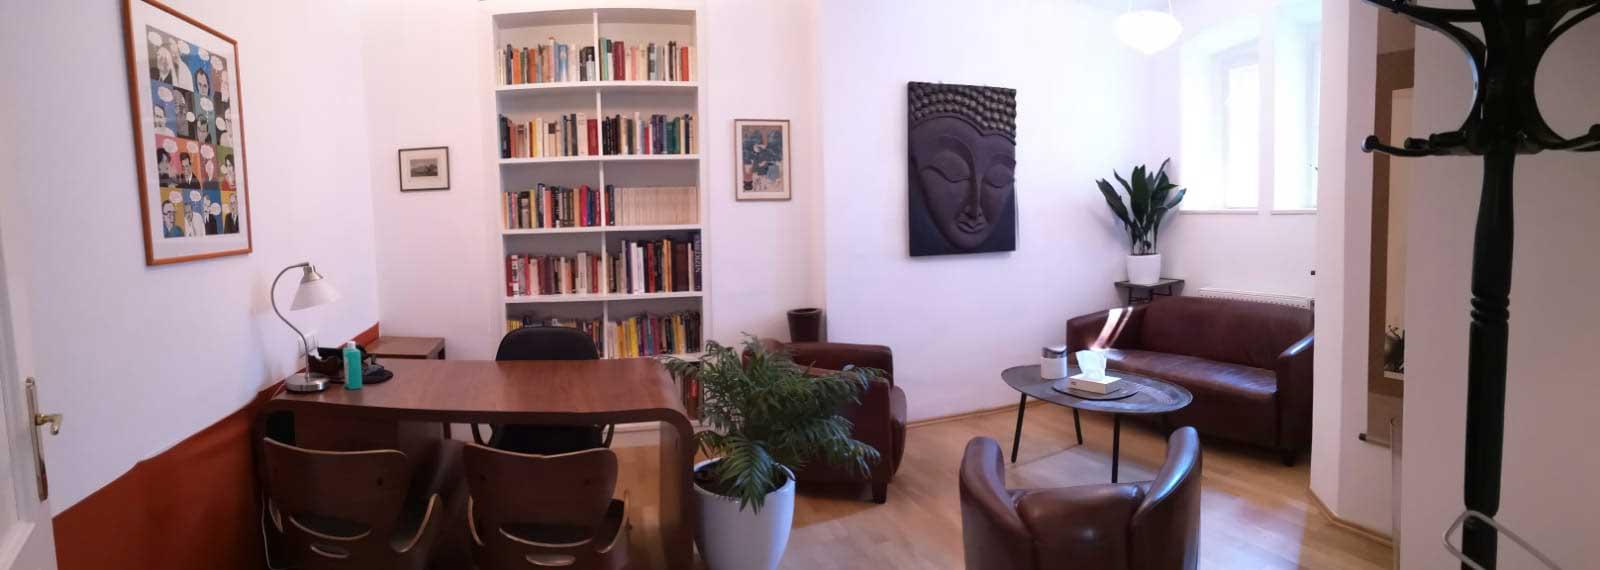 Psychotherapeutische Praxis Wien